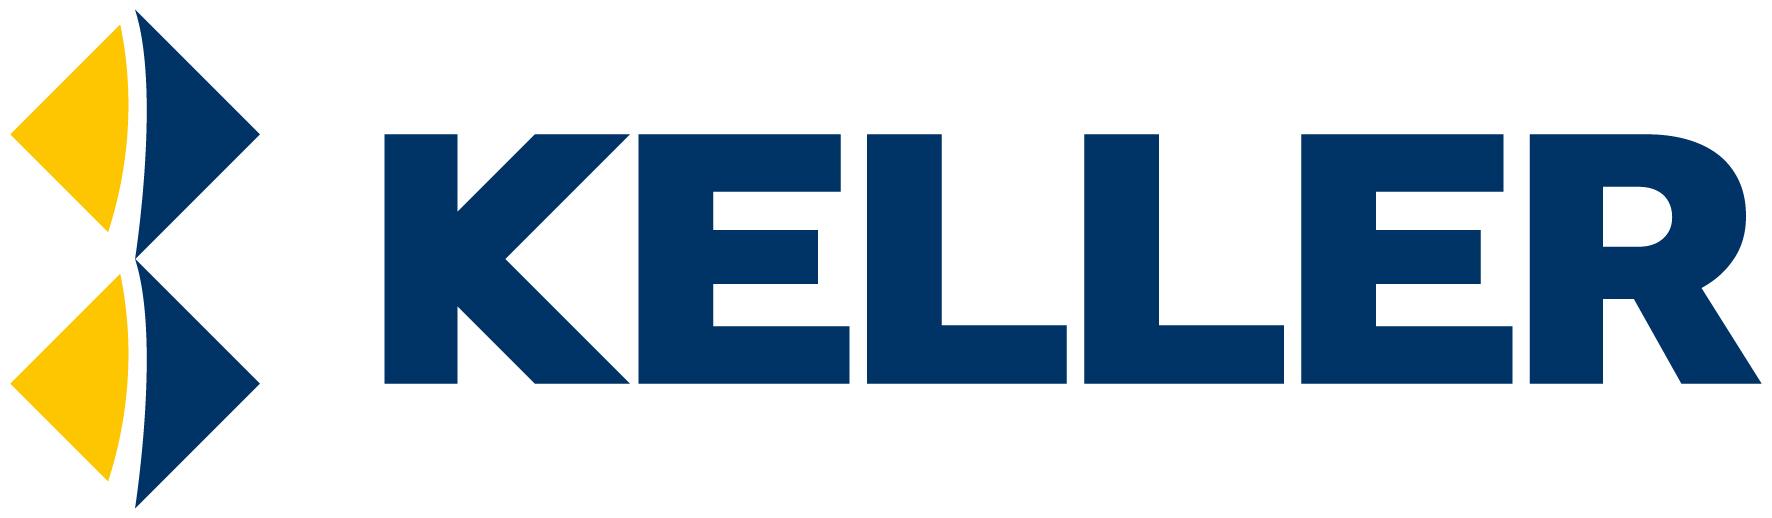 KELLER - speciální zakládání, spol. s r.o. - Brno